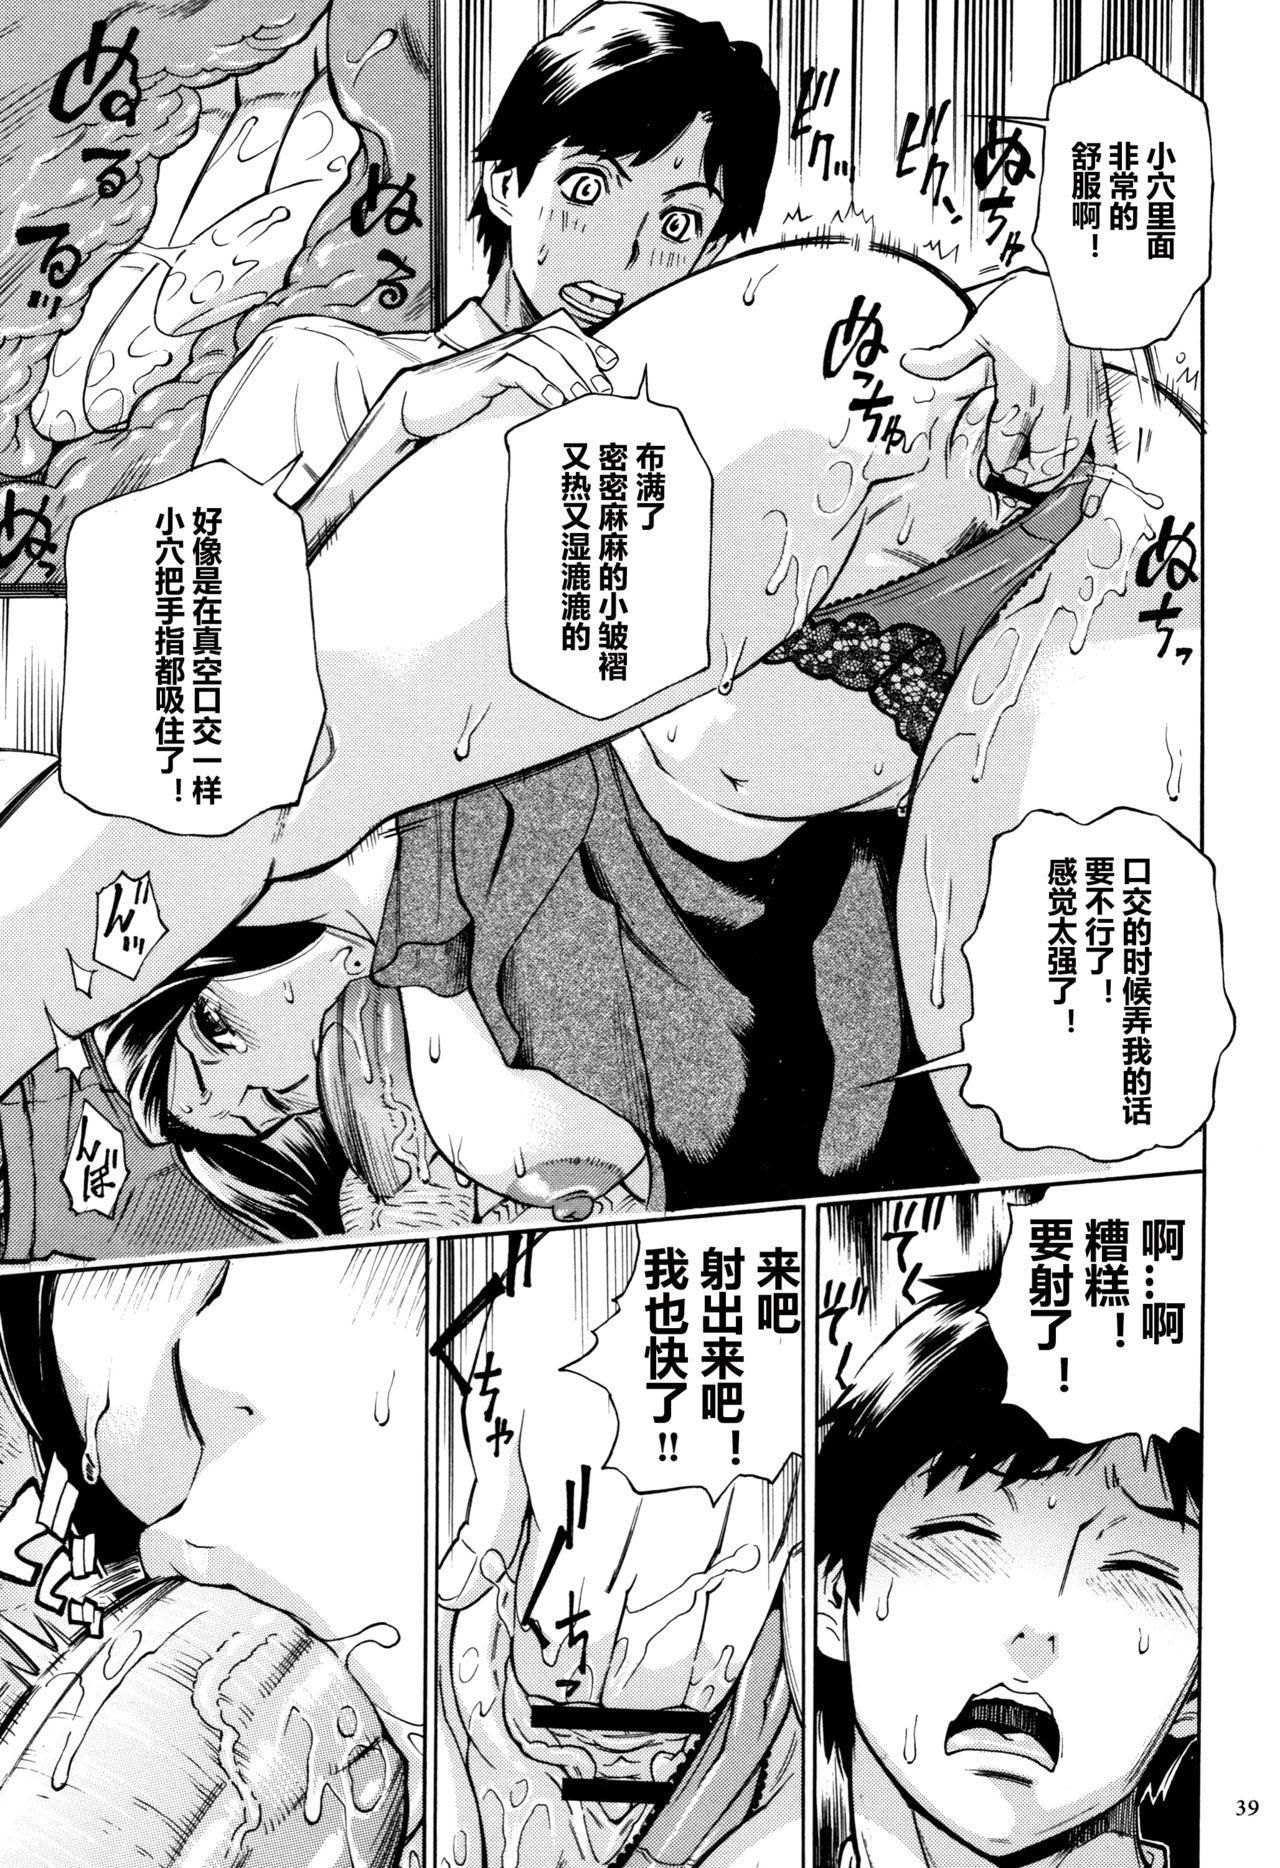 Oba-san dakedo, Daite Hoshii. 39